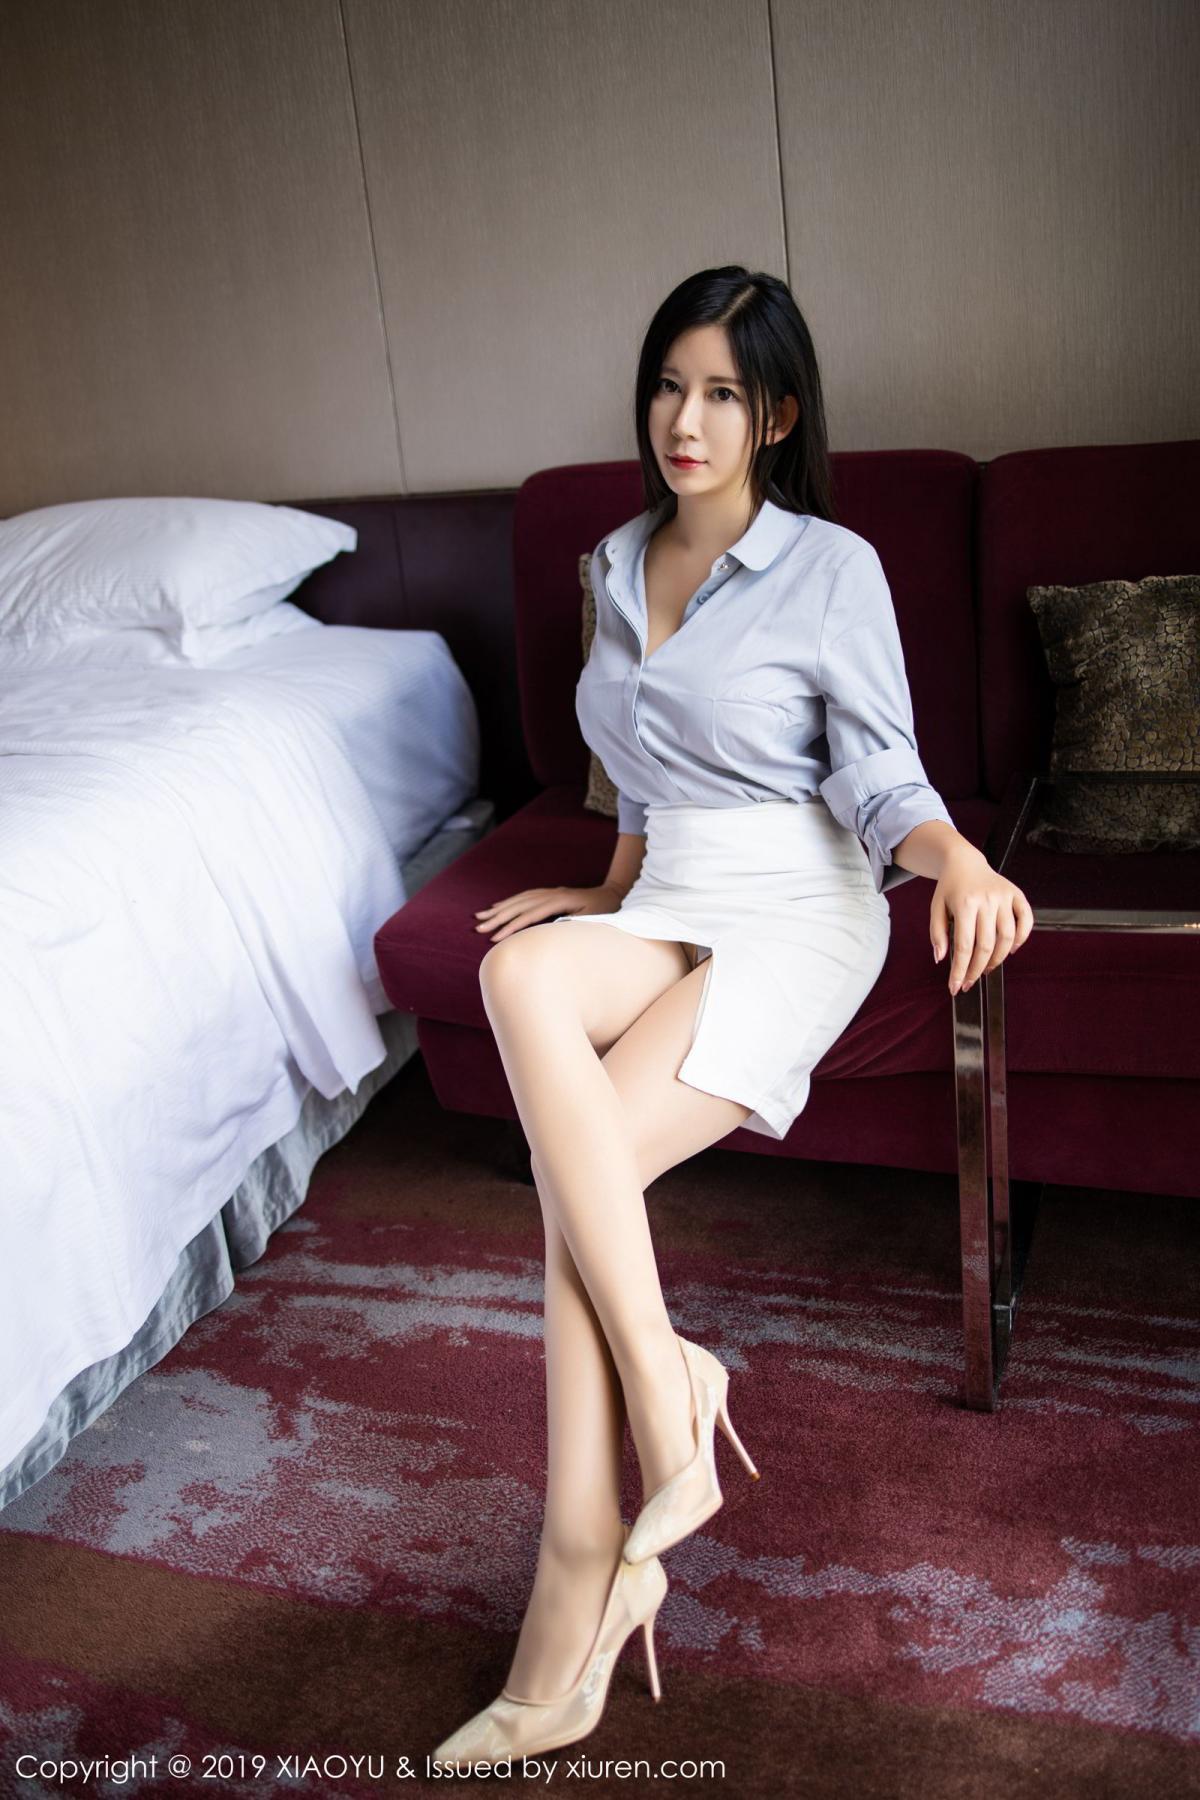 [XiaoYu] Vol.180 Li Ya 2P, Li Ya, Underwear, XiaoYu